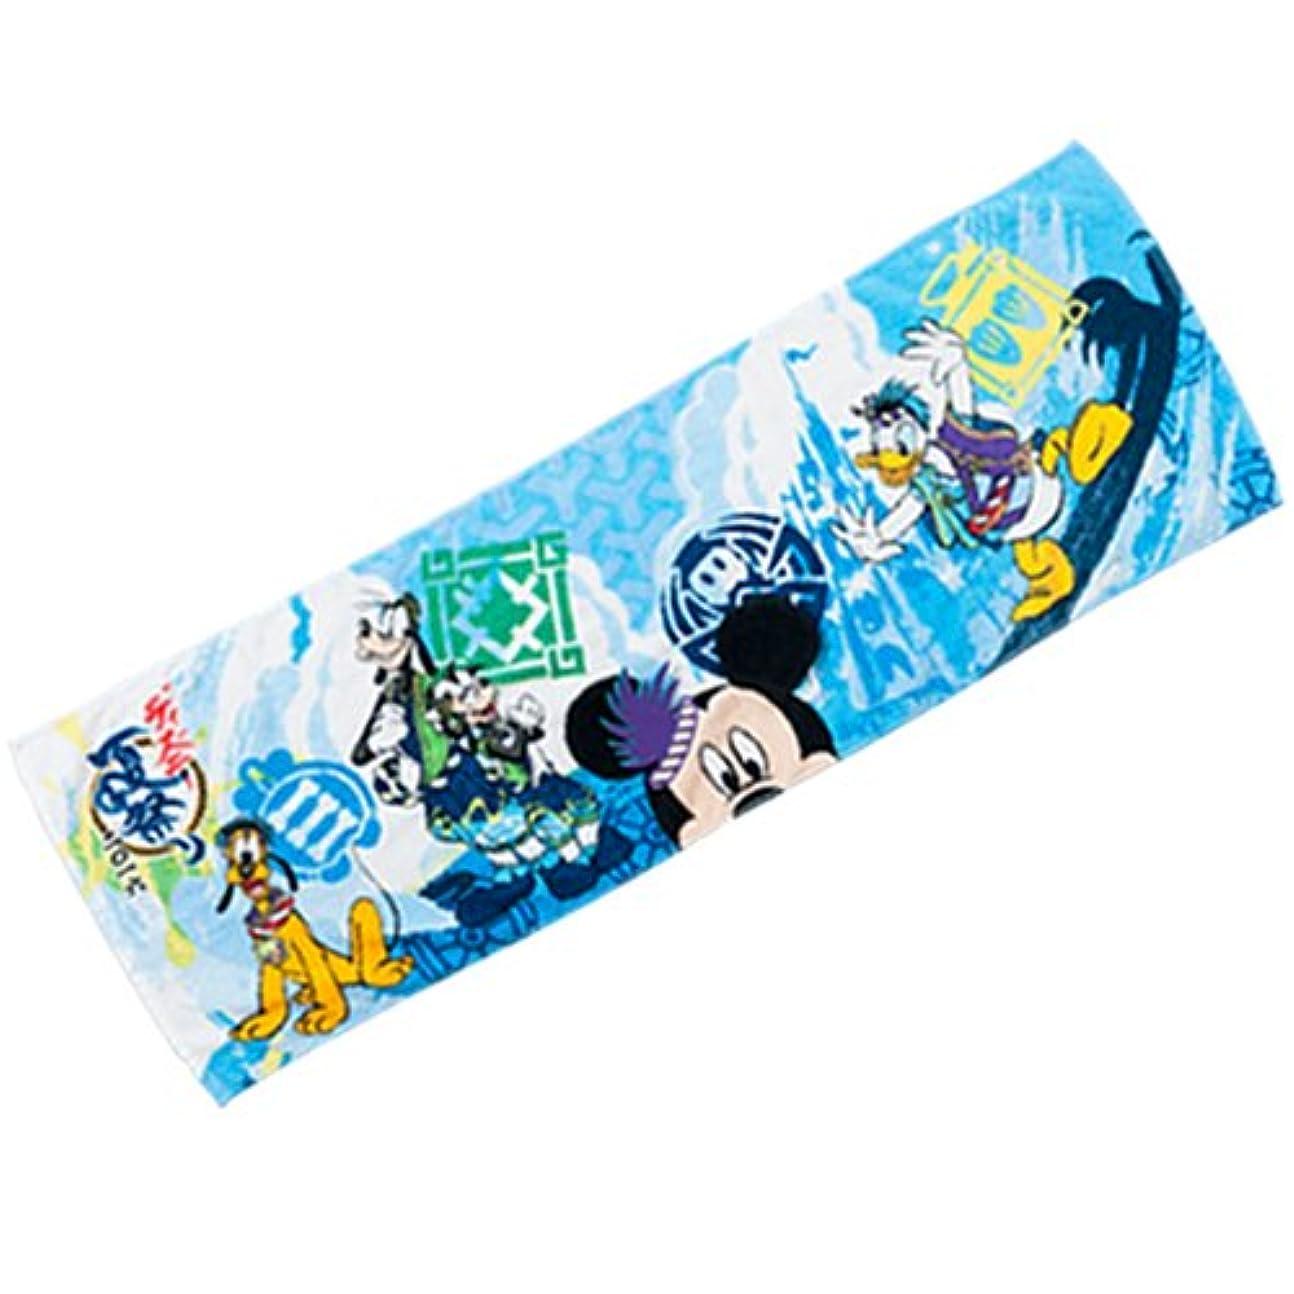 虐待サスティーンこねるミッキーマウス ヘッドタオル ディズニー夏祭り2016【東京ディズニーランド限定】